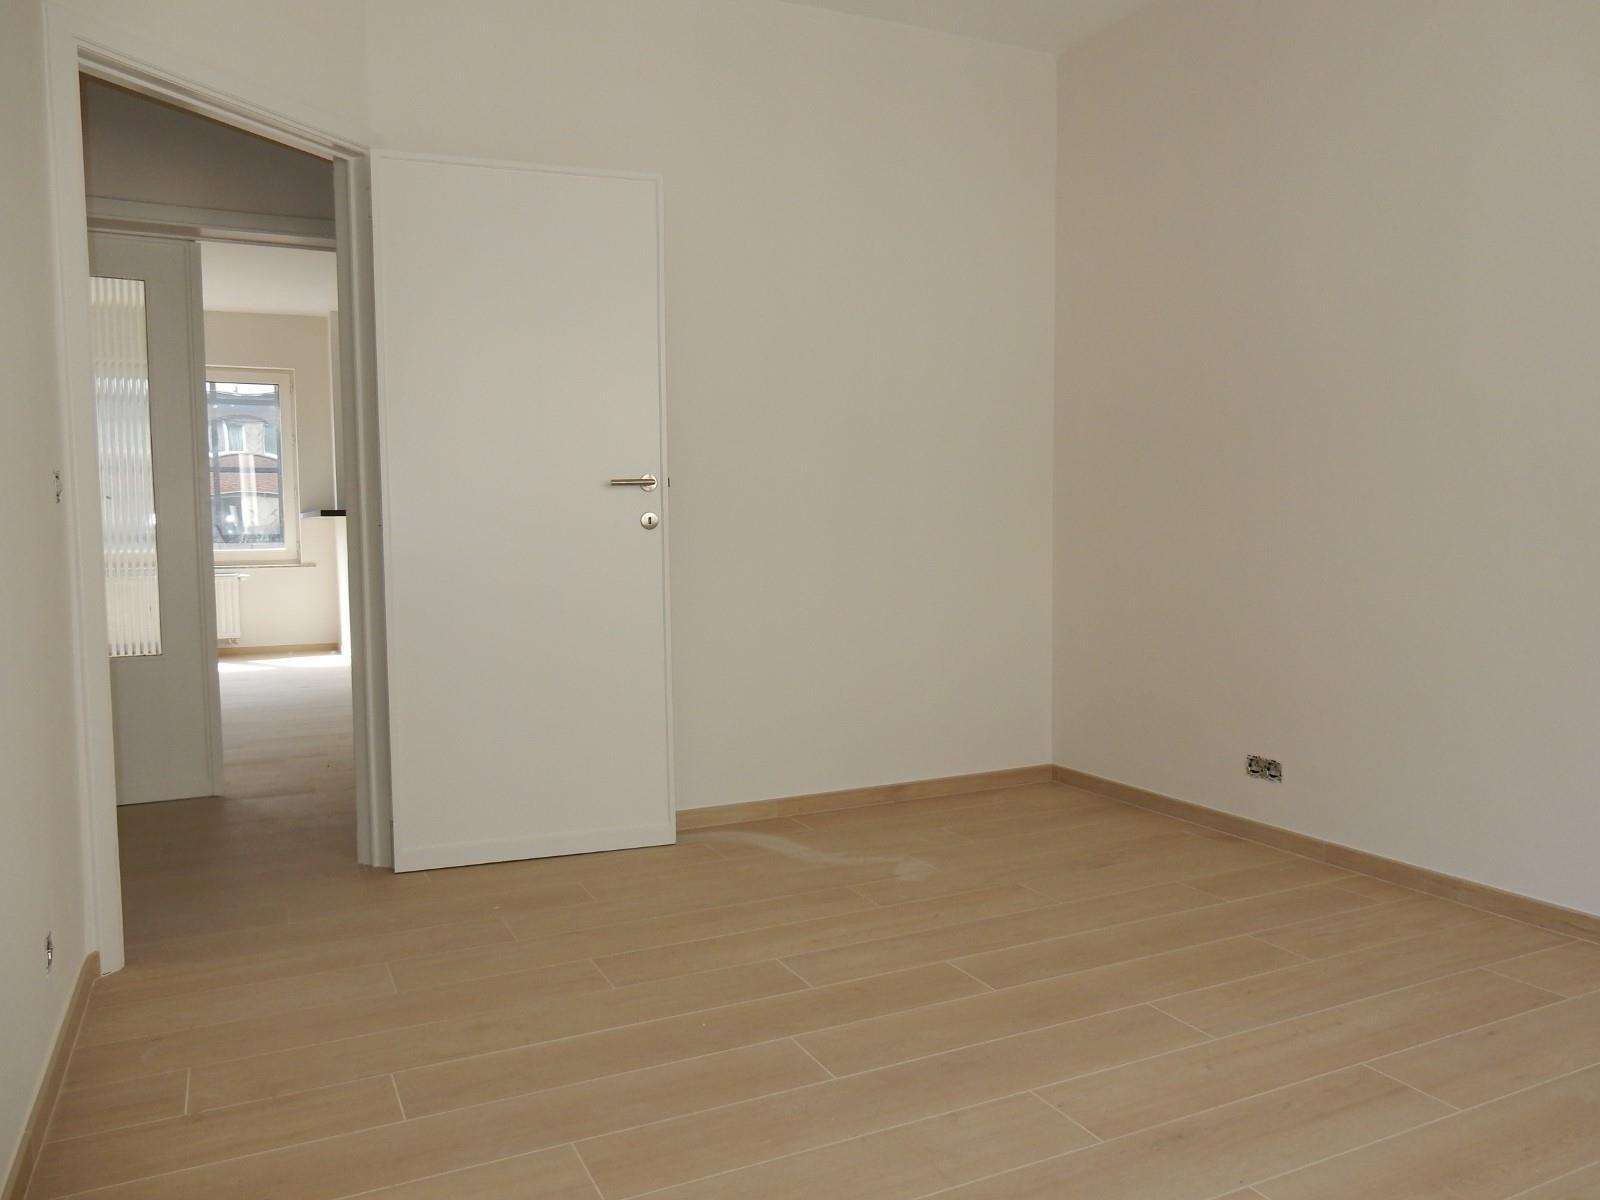 Flat - Schaerbeek - #4137628-7